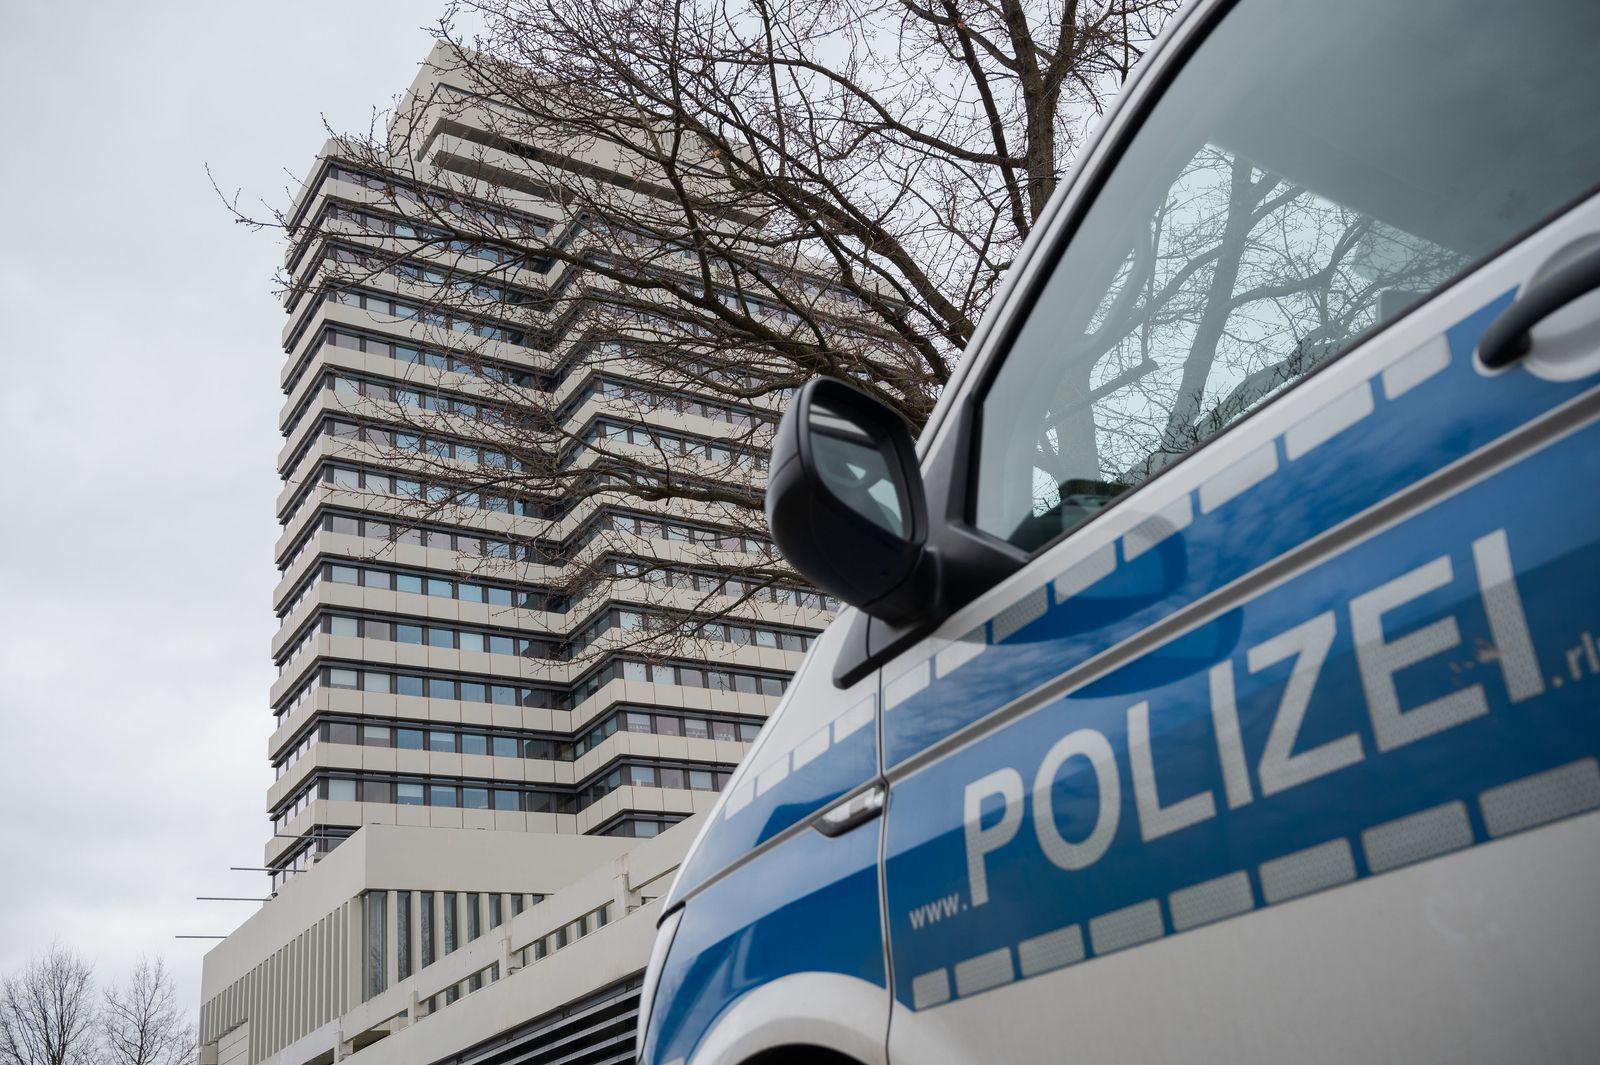 Bombendrohungen - Rathaus Kaiserlautern